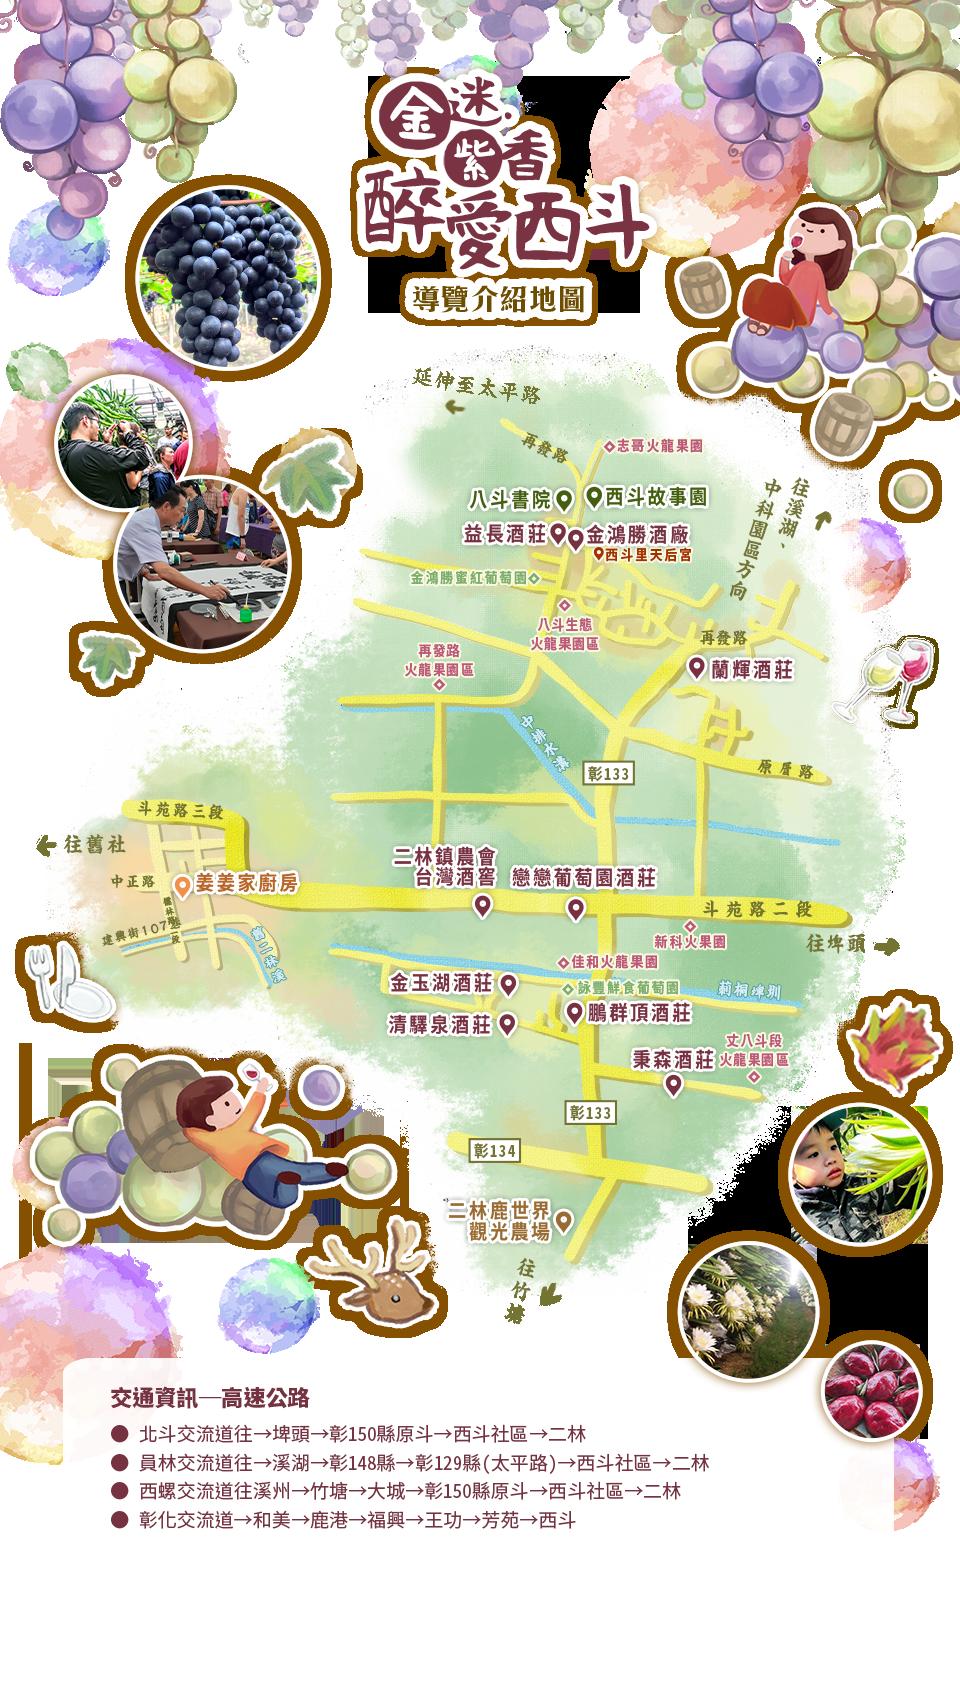 西斗地圖-分頁.png